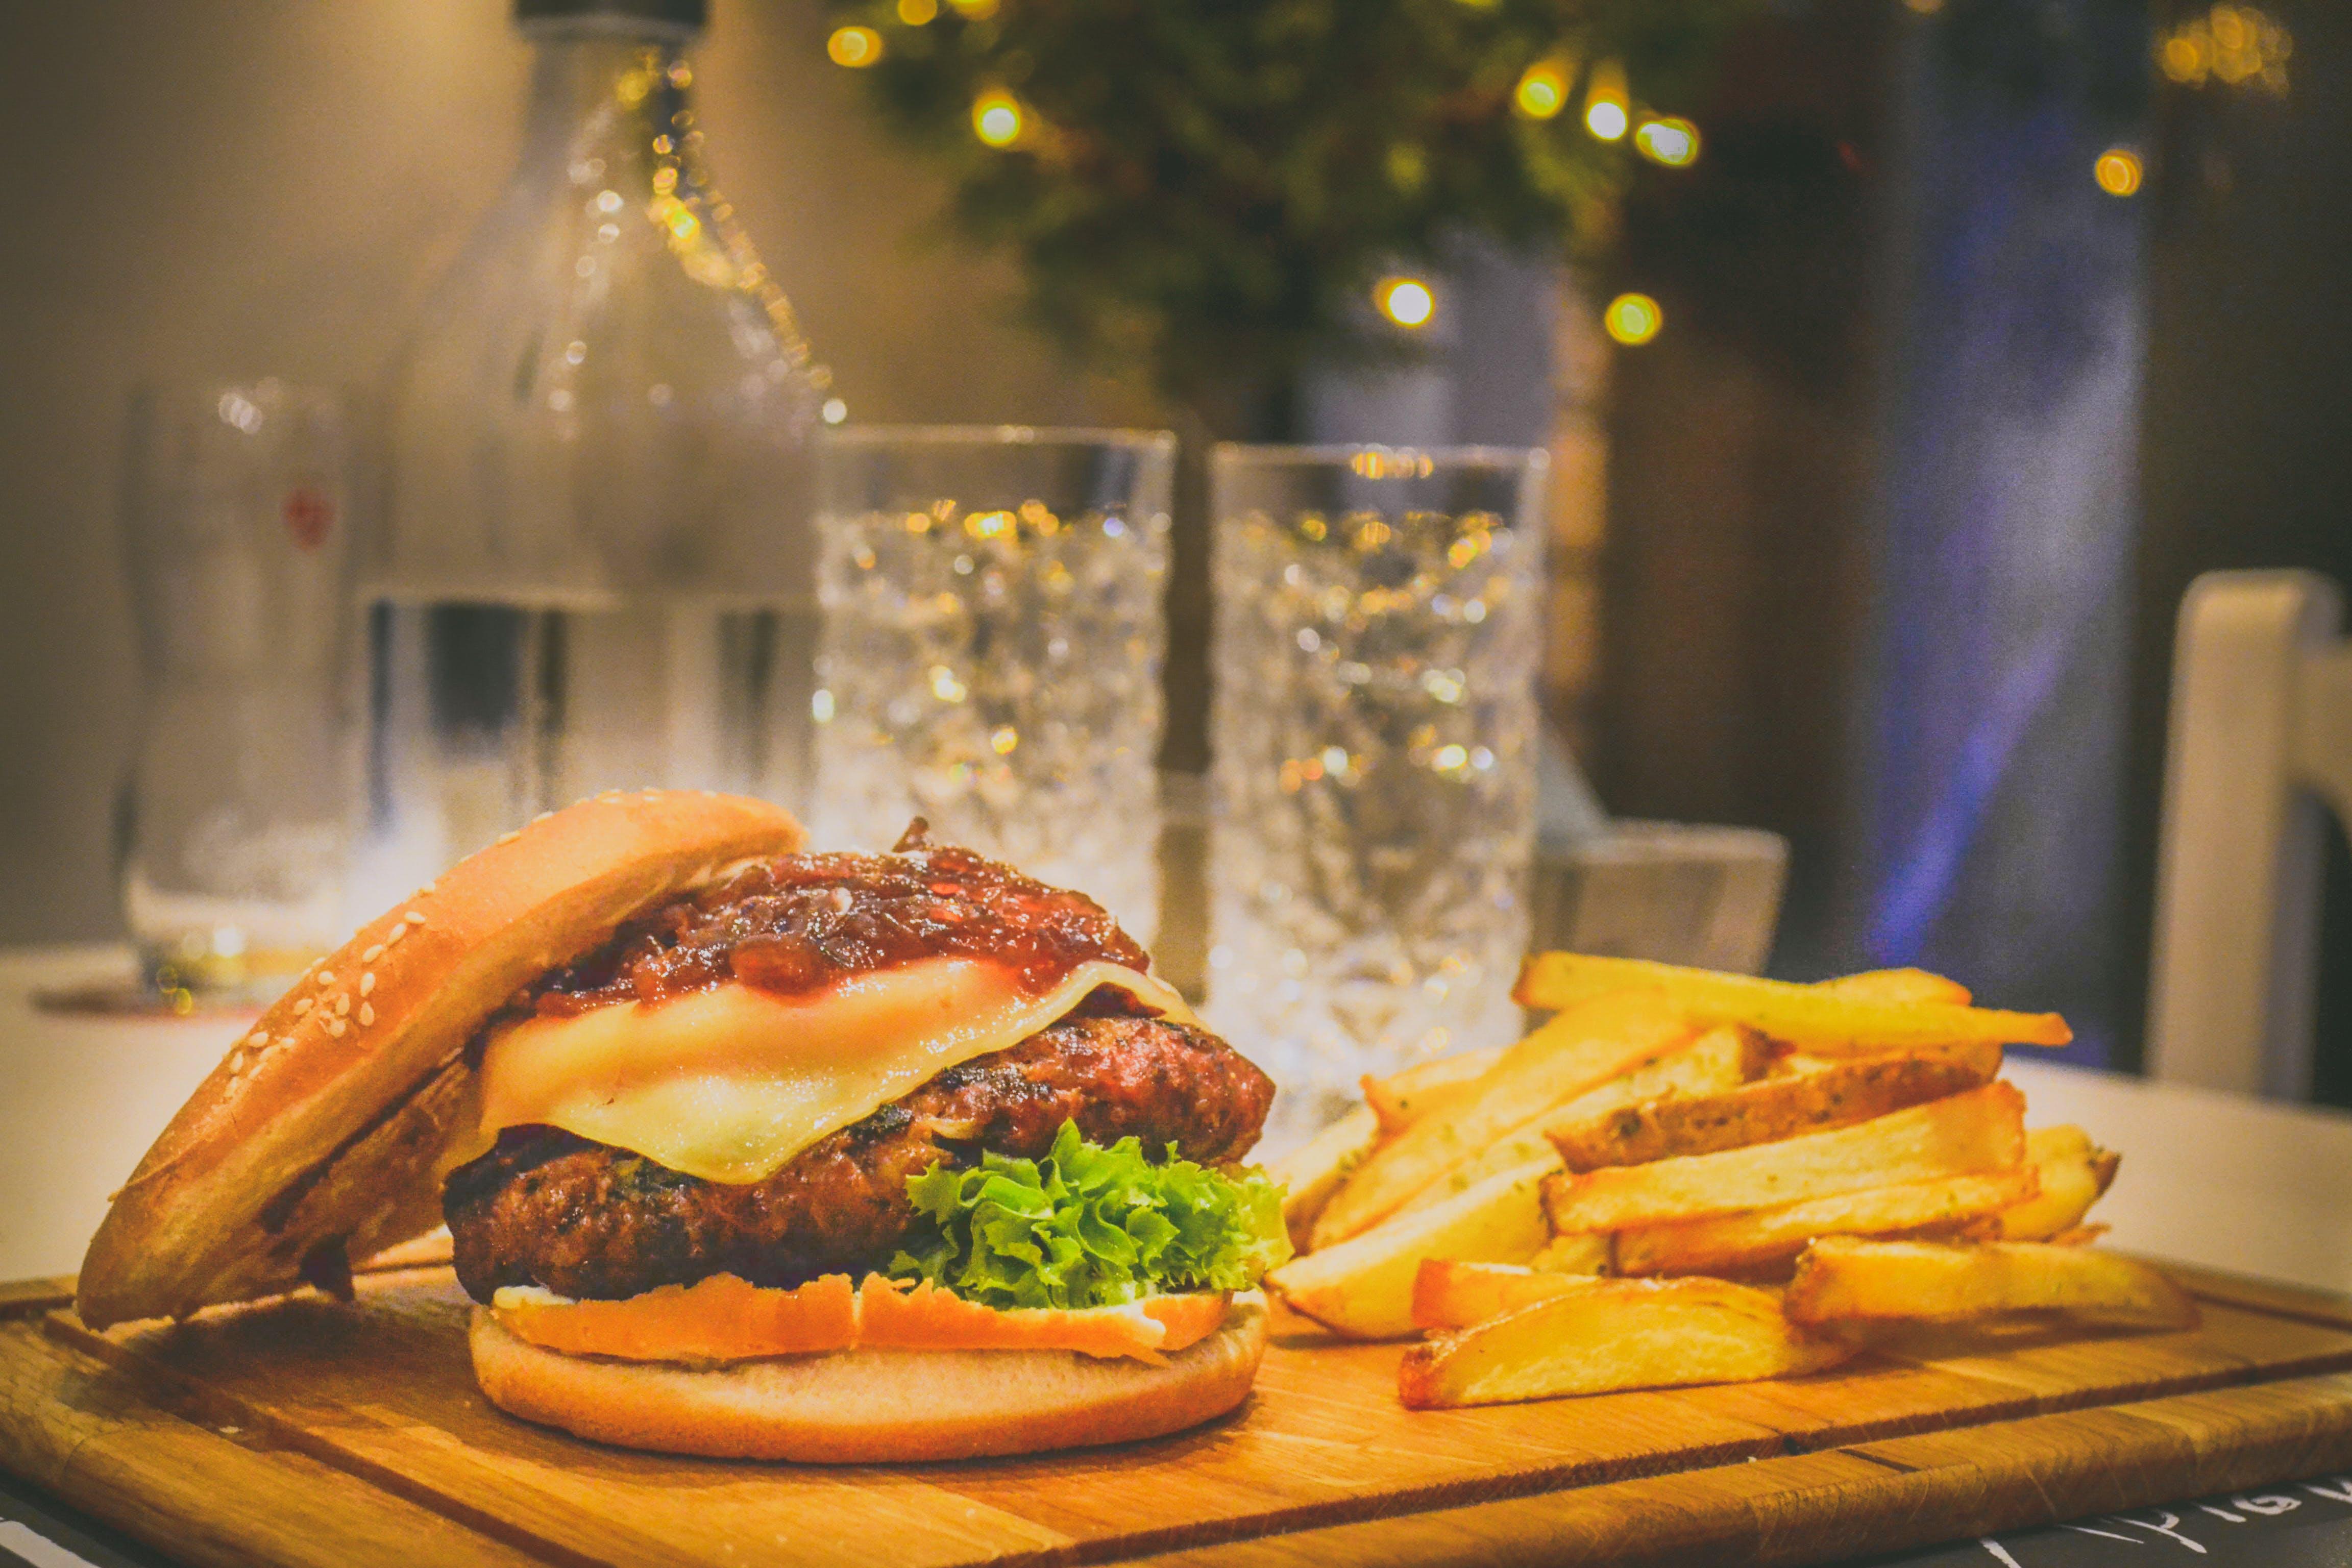 三明治, 乳製品, 乳酪, 乳酪漢堡 的 免费素材照片